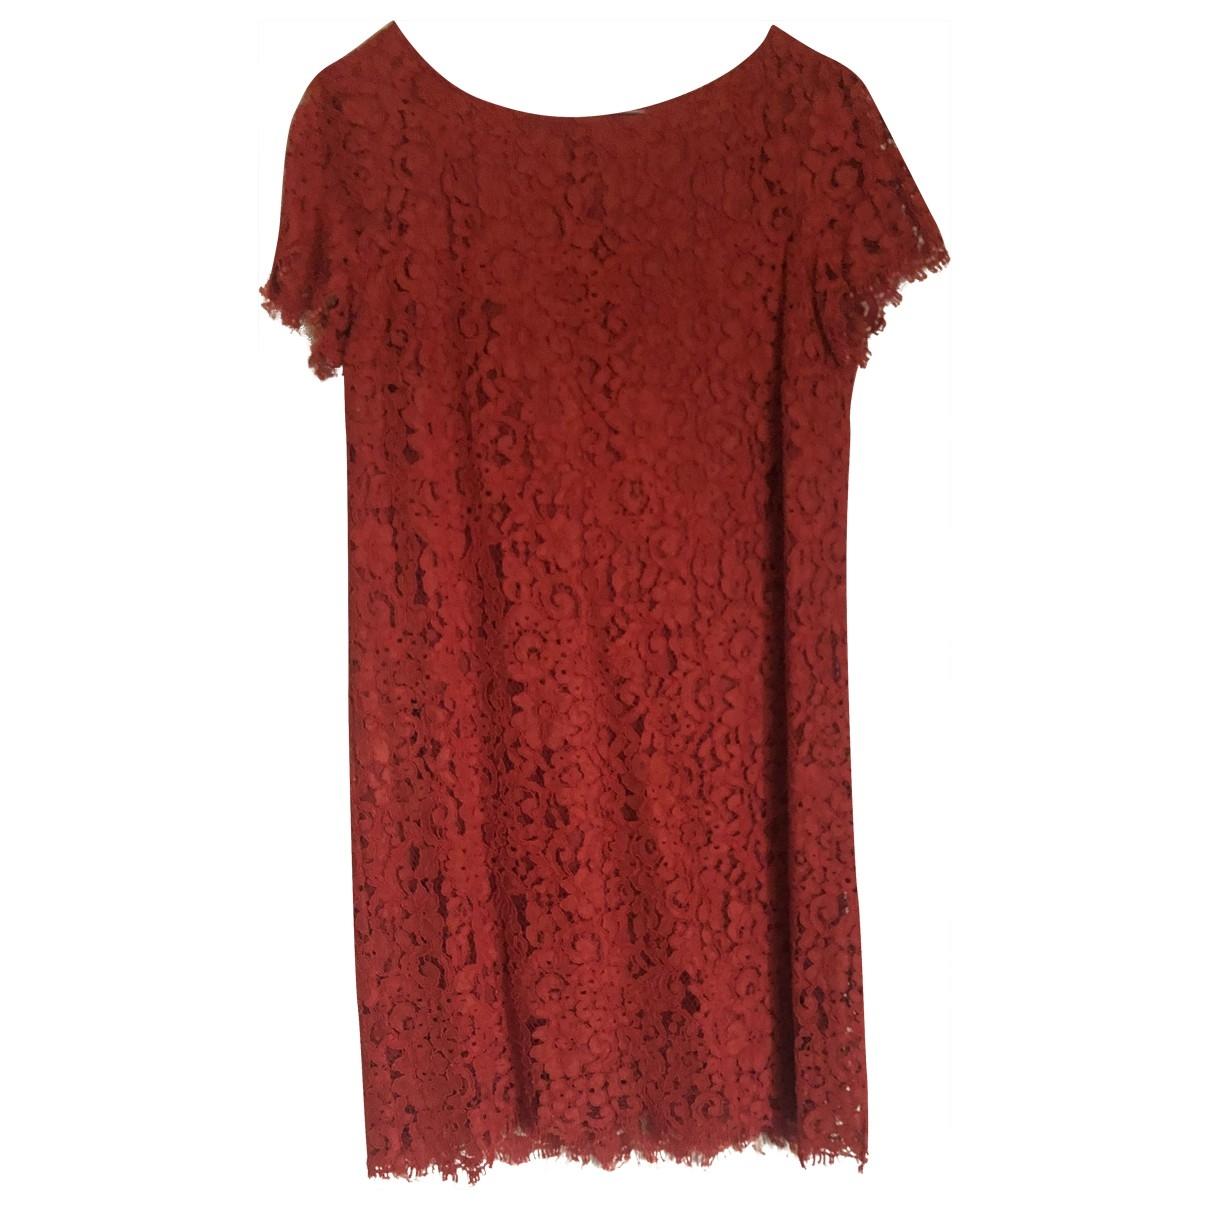 Zara \N Red Lace dress for Women S International